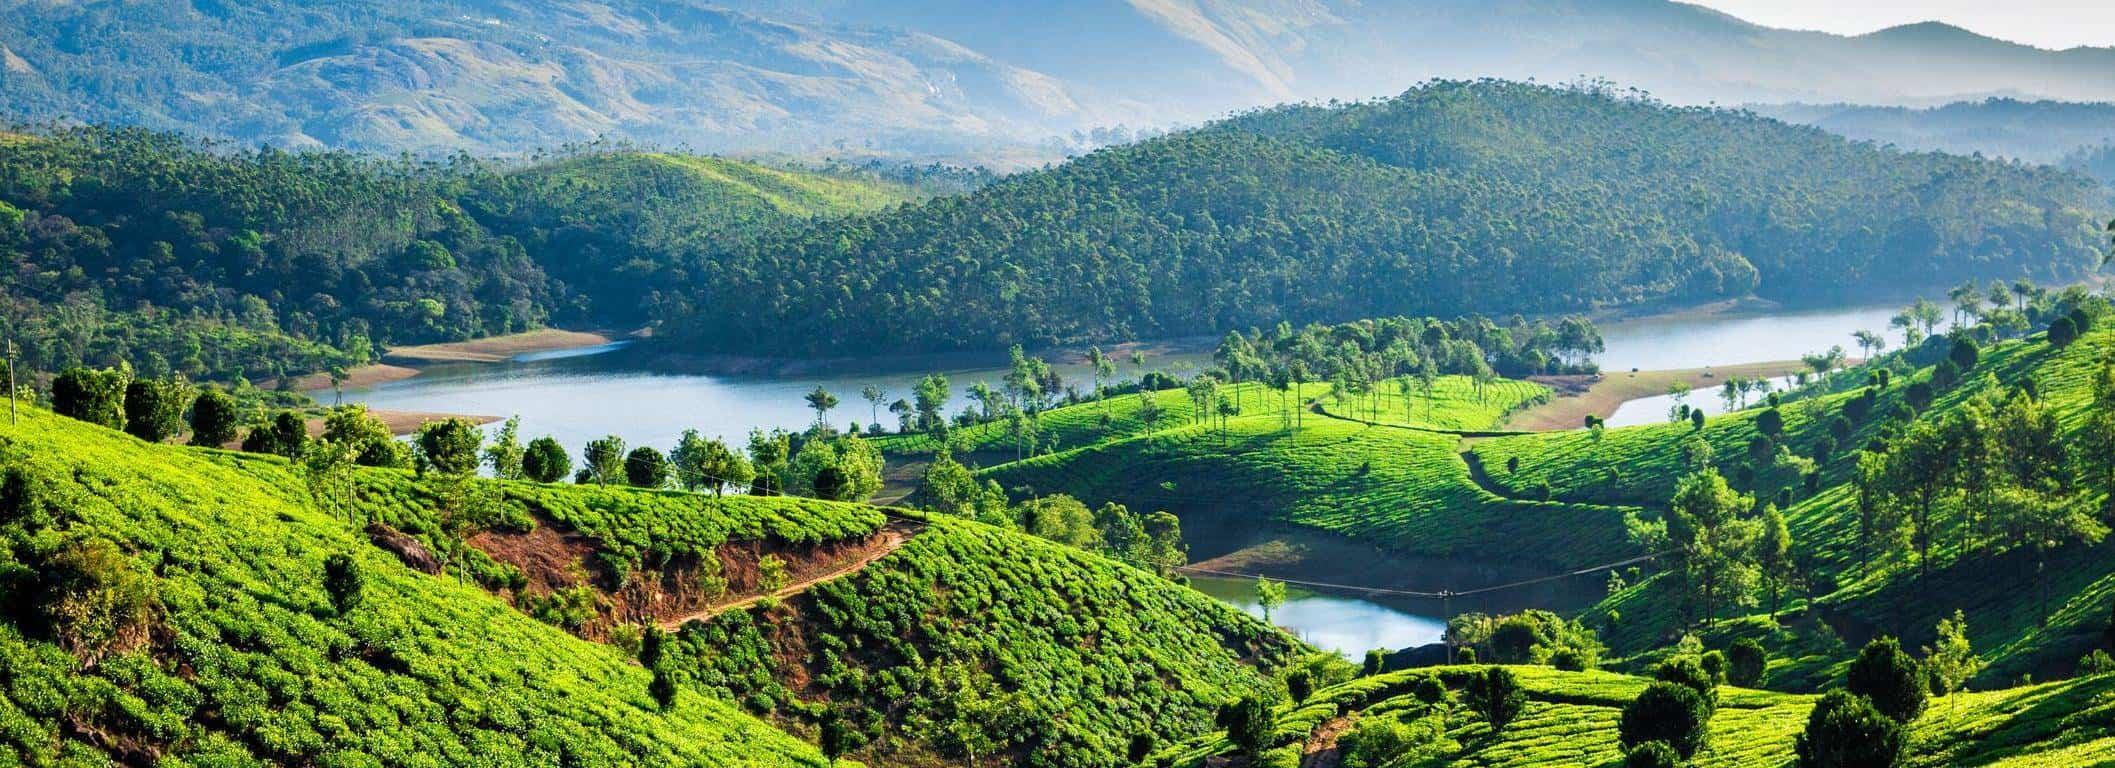 Teplantage i Indien - Risskov Rejser